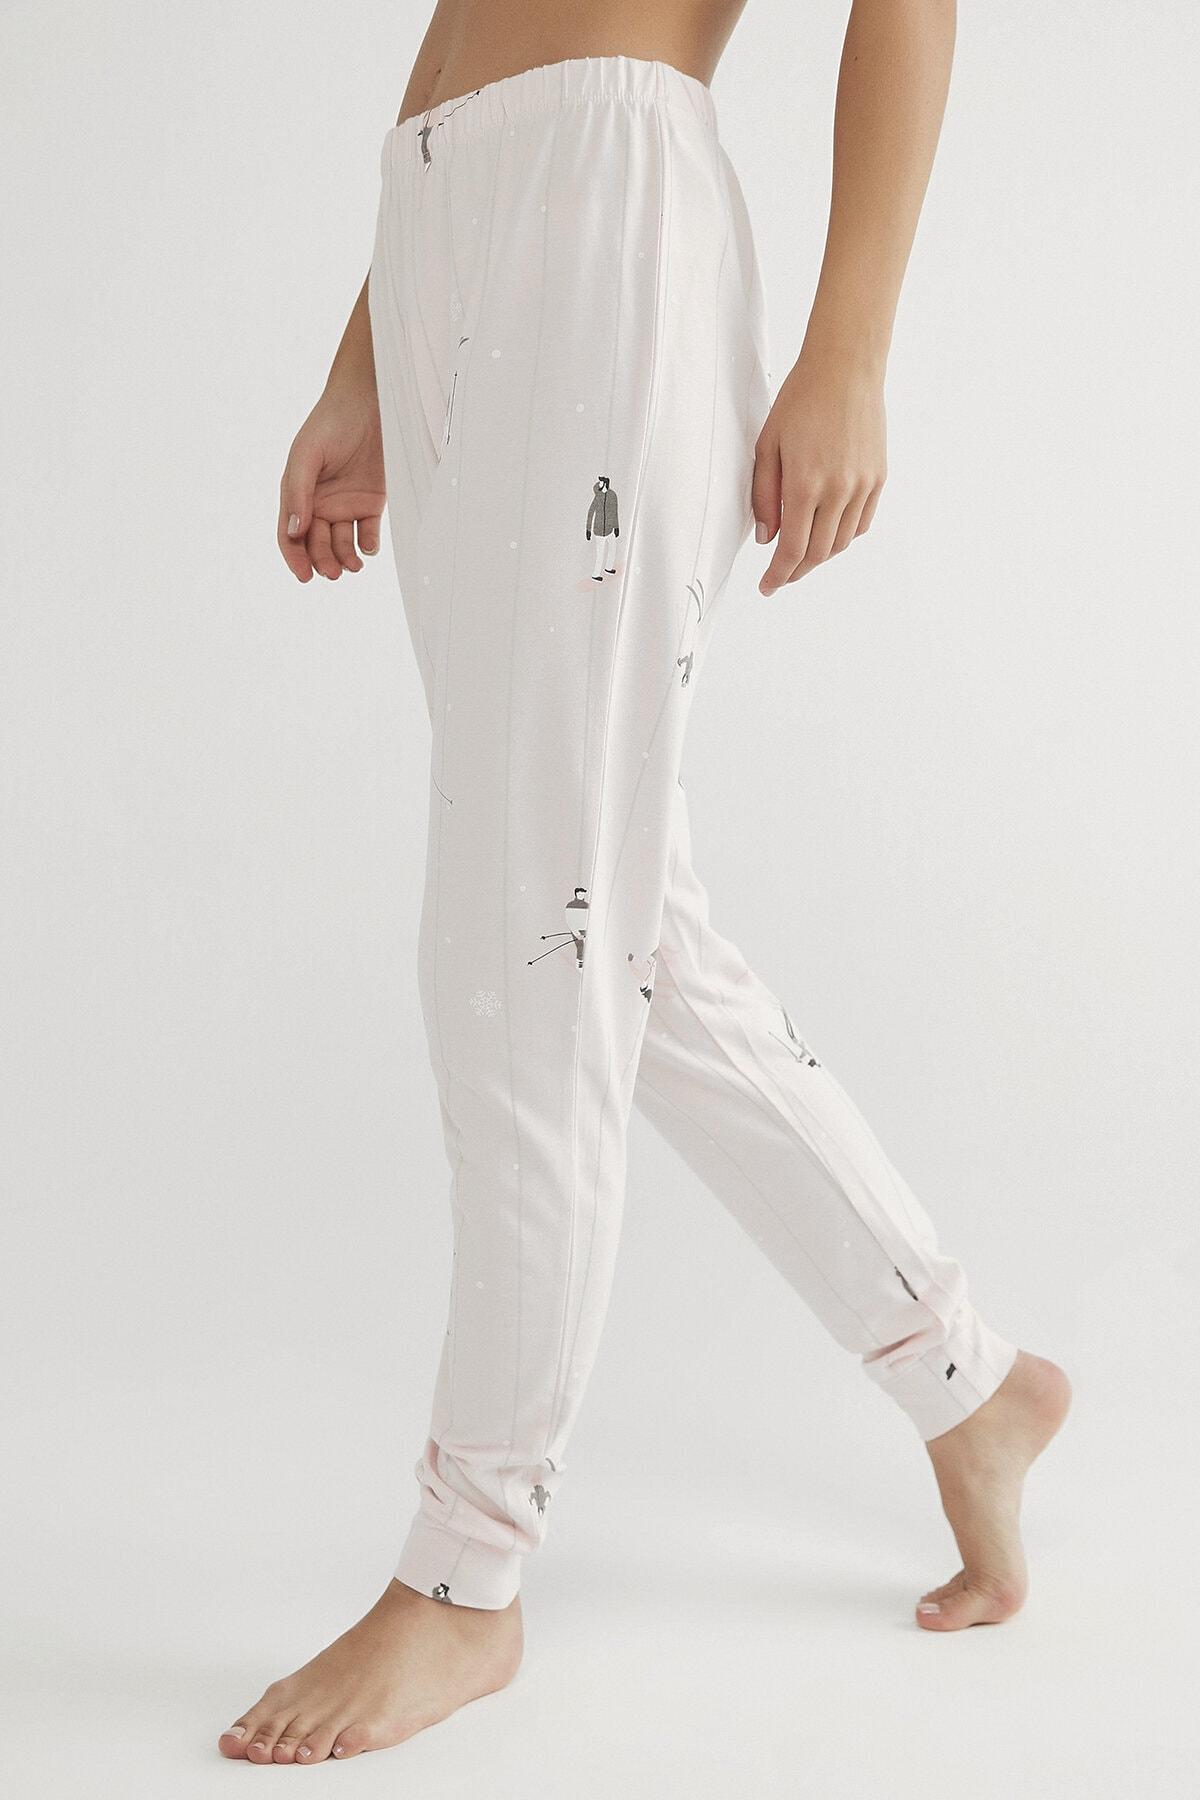 Penti Pembe Hot Tech Winter Joy Pantolon 1